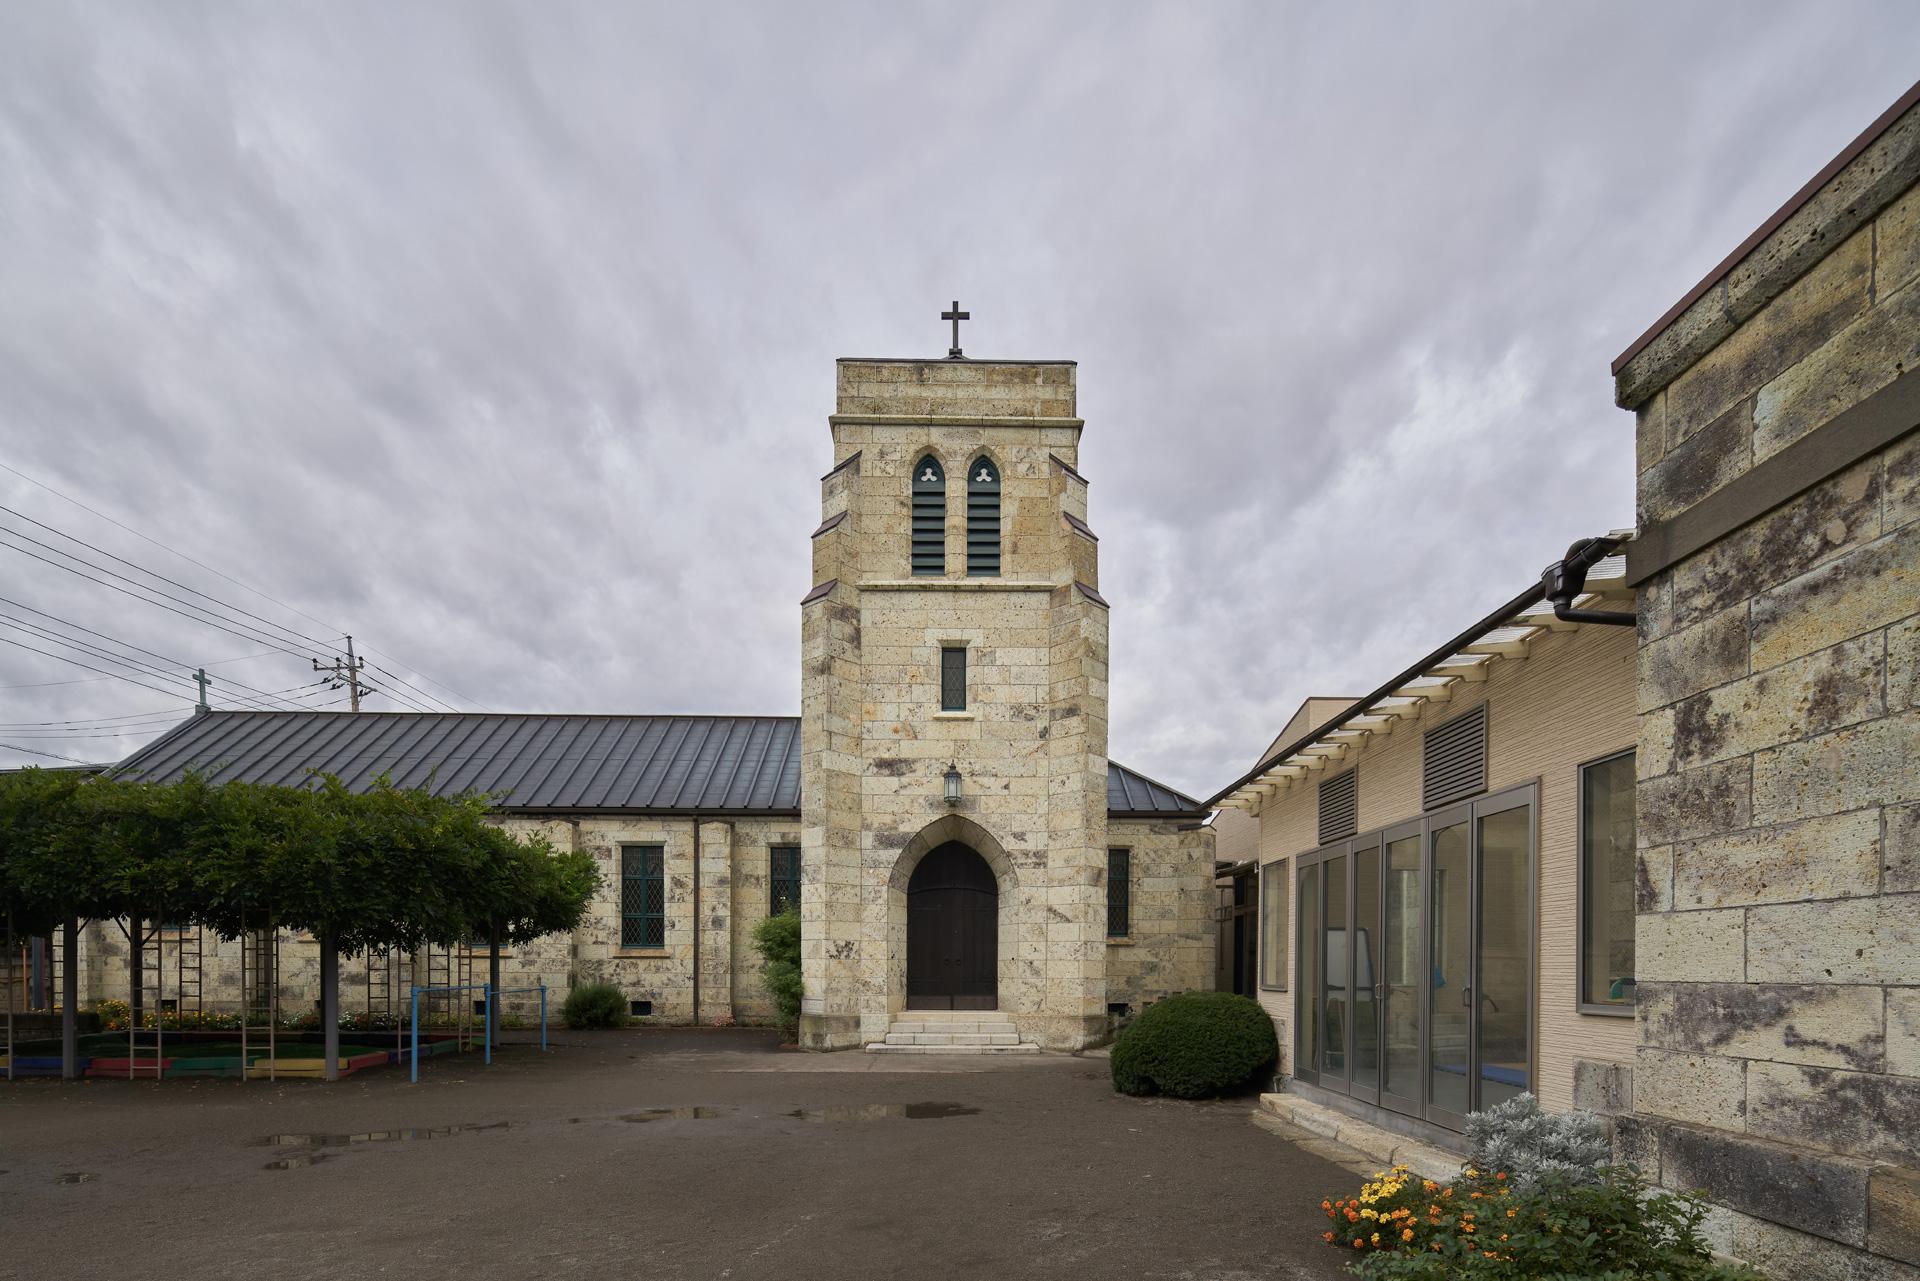 宇都宮聖ヨハネ教会聖堂